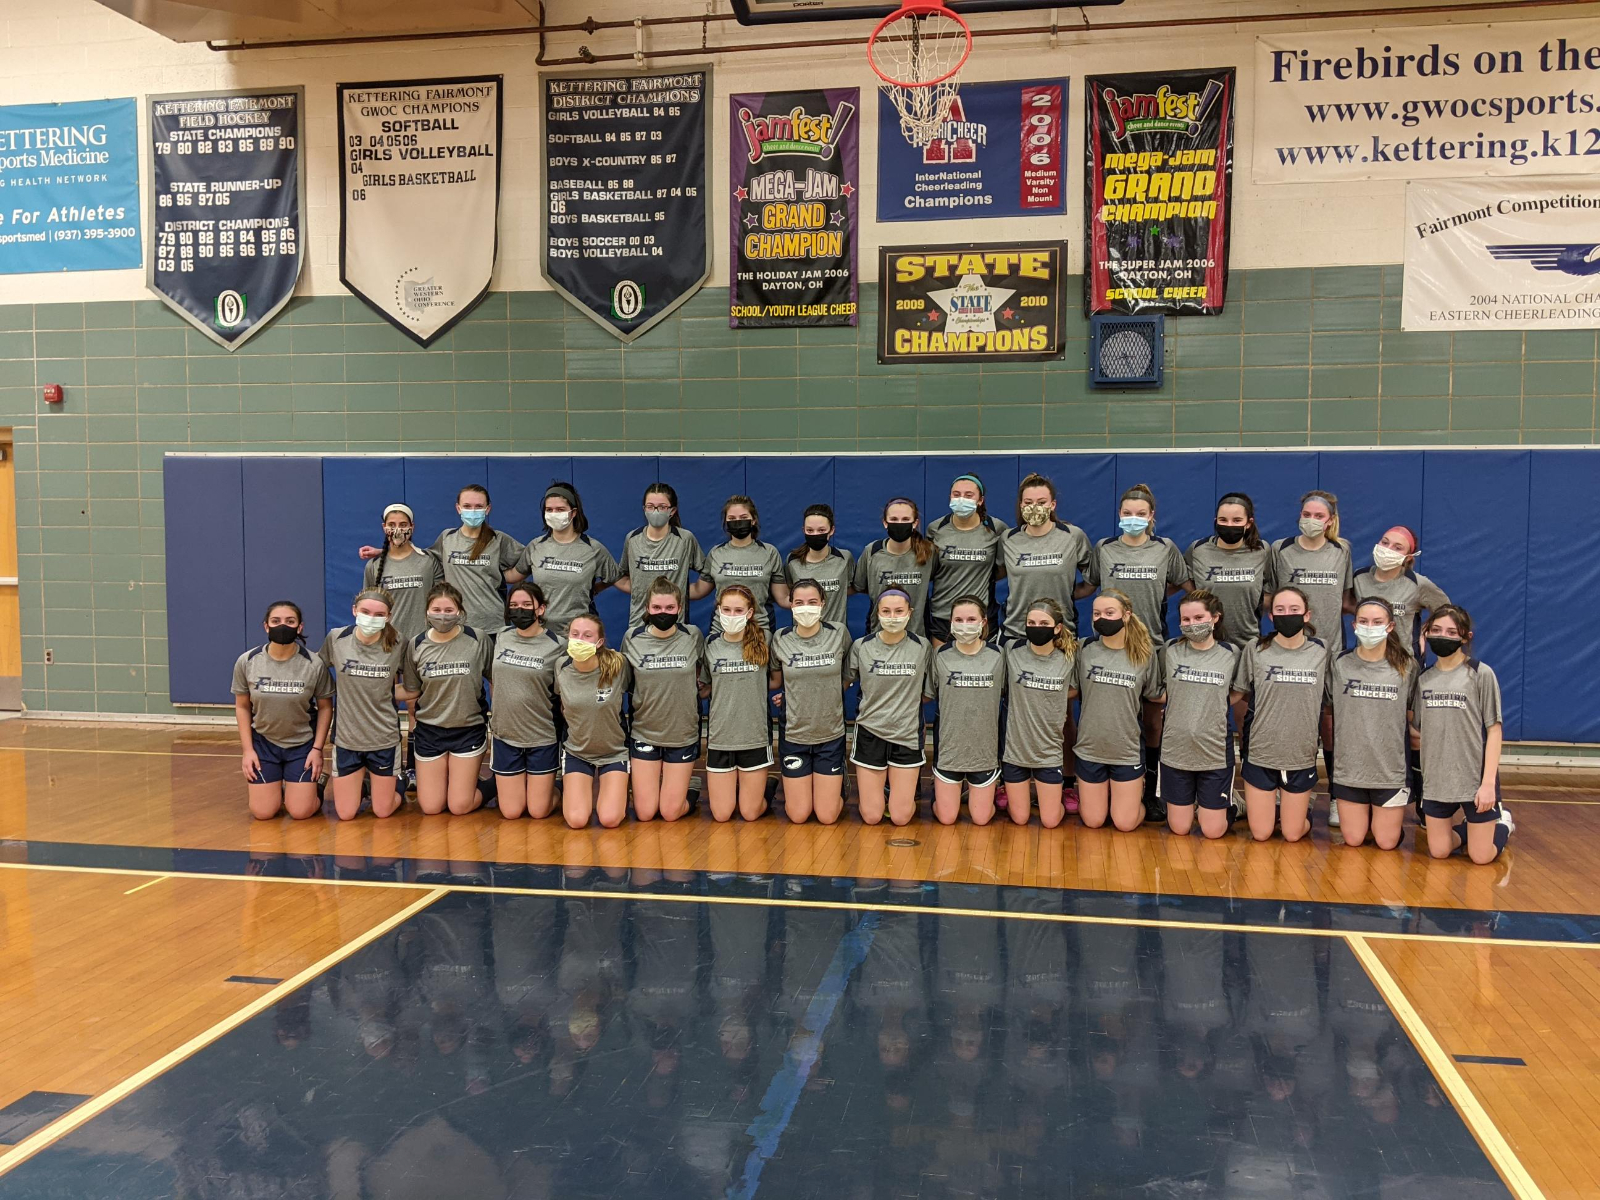 GSoc- Futsal and Weight Training